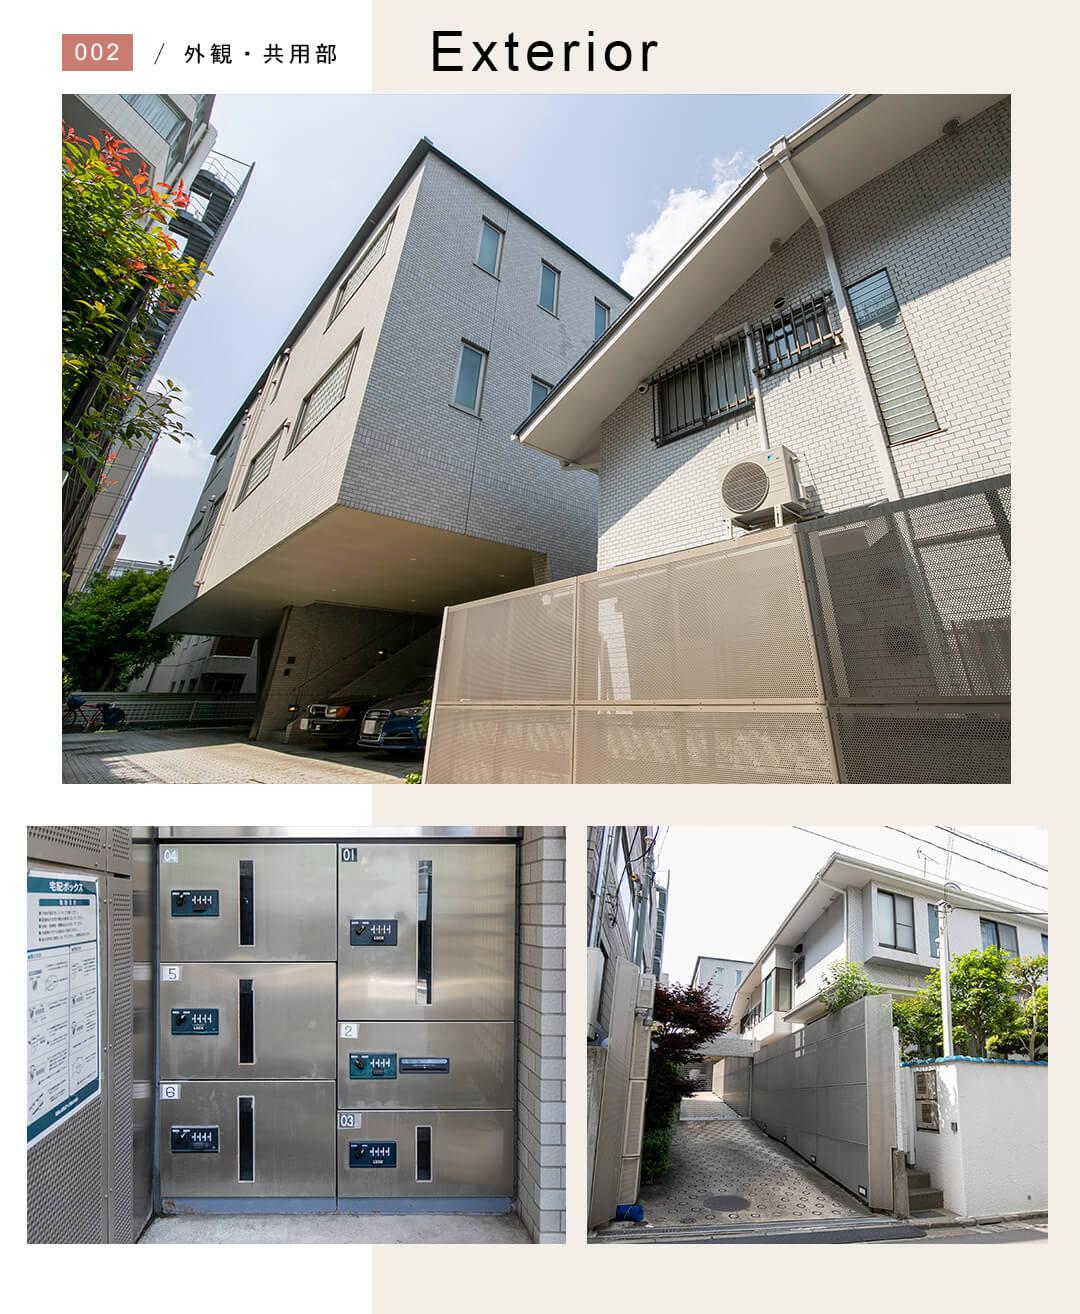 松濤コートハウスの外観と共用部